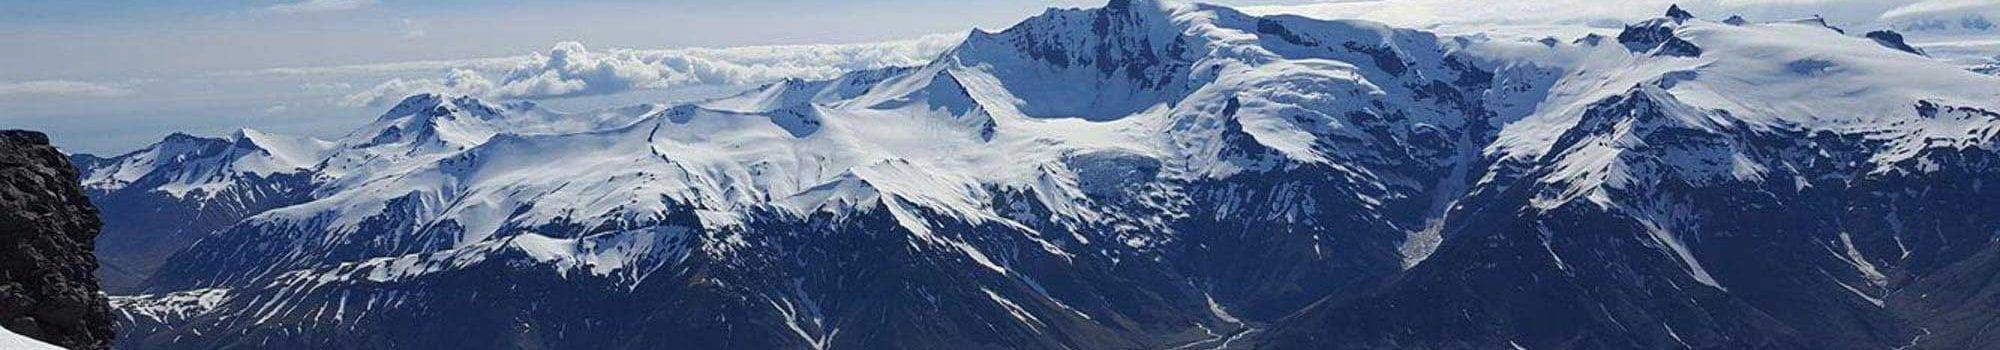 Vues panoramiques sur Glacier Vatnajokull